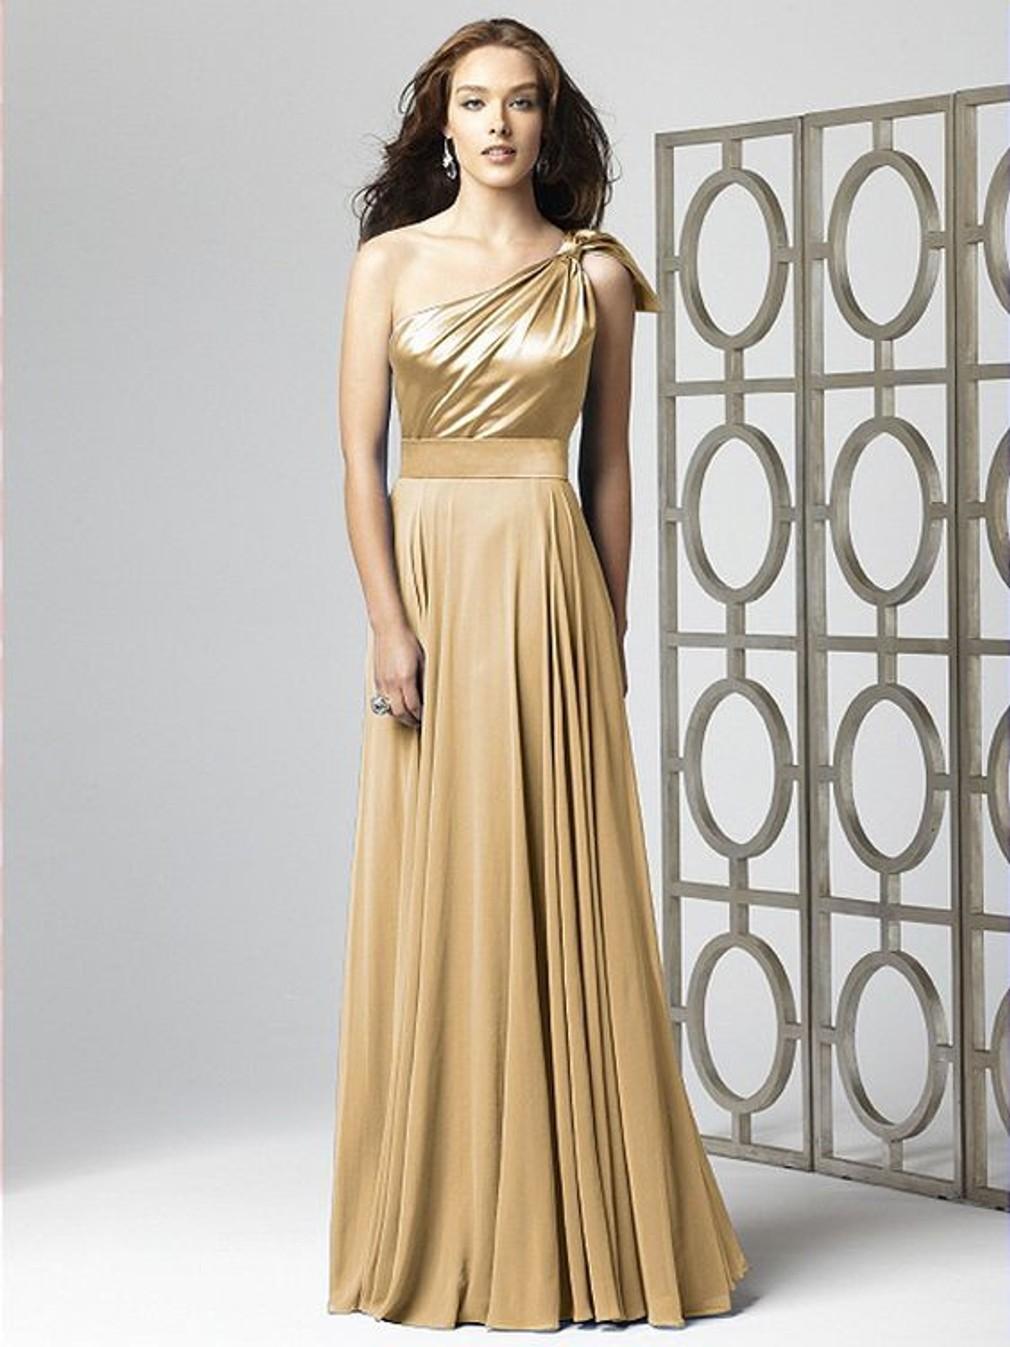 Asymetrické šaty na jedno rameno sú hitom jesene.  661efaeed7d